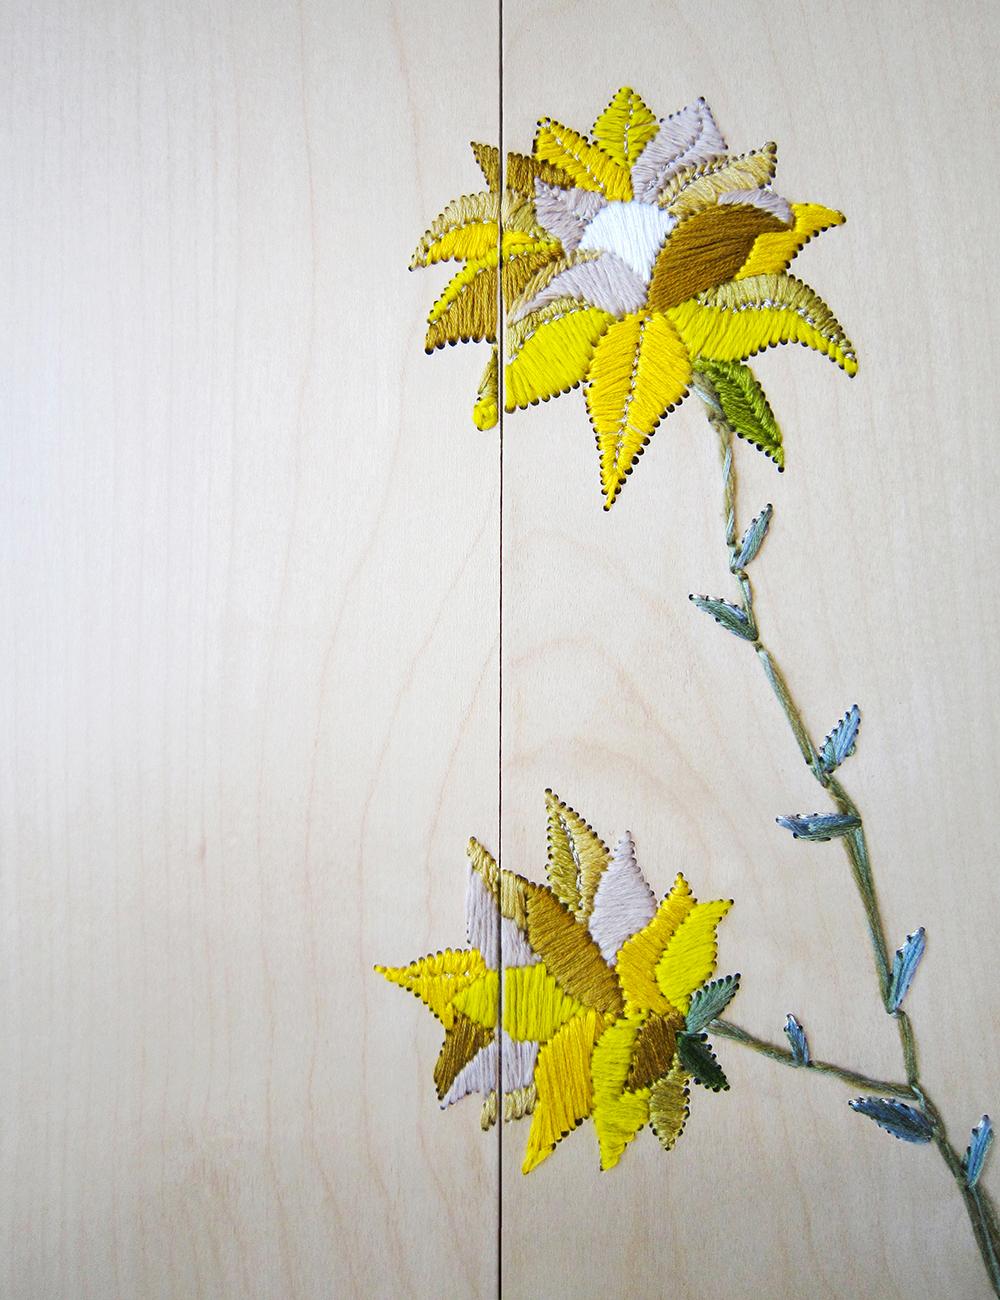 Célèbre Embroidery on wood : a new technique by Aurelie Wozniak AK97